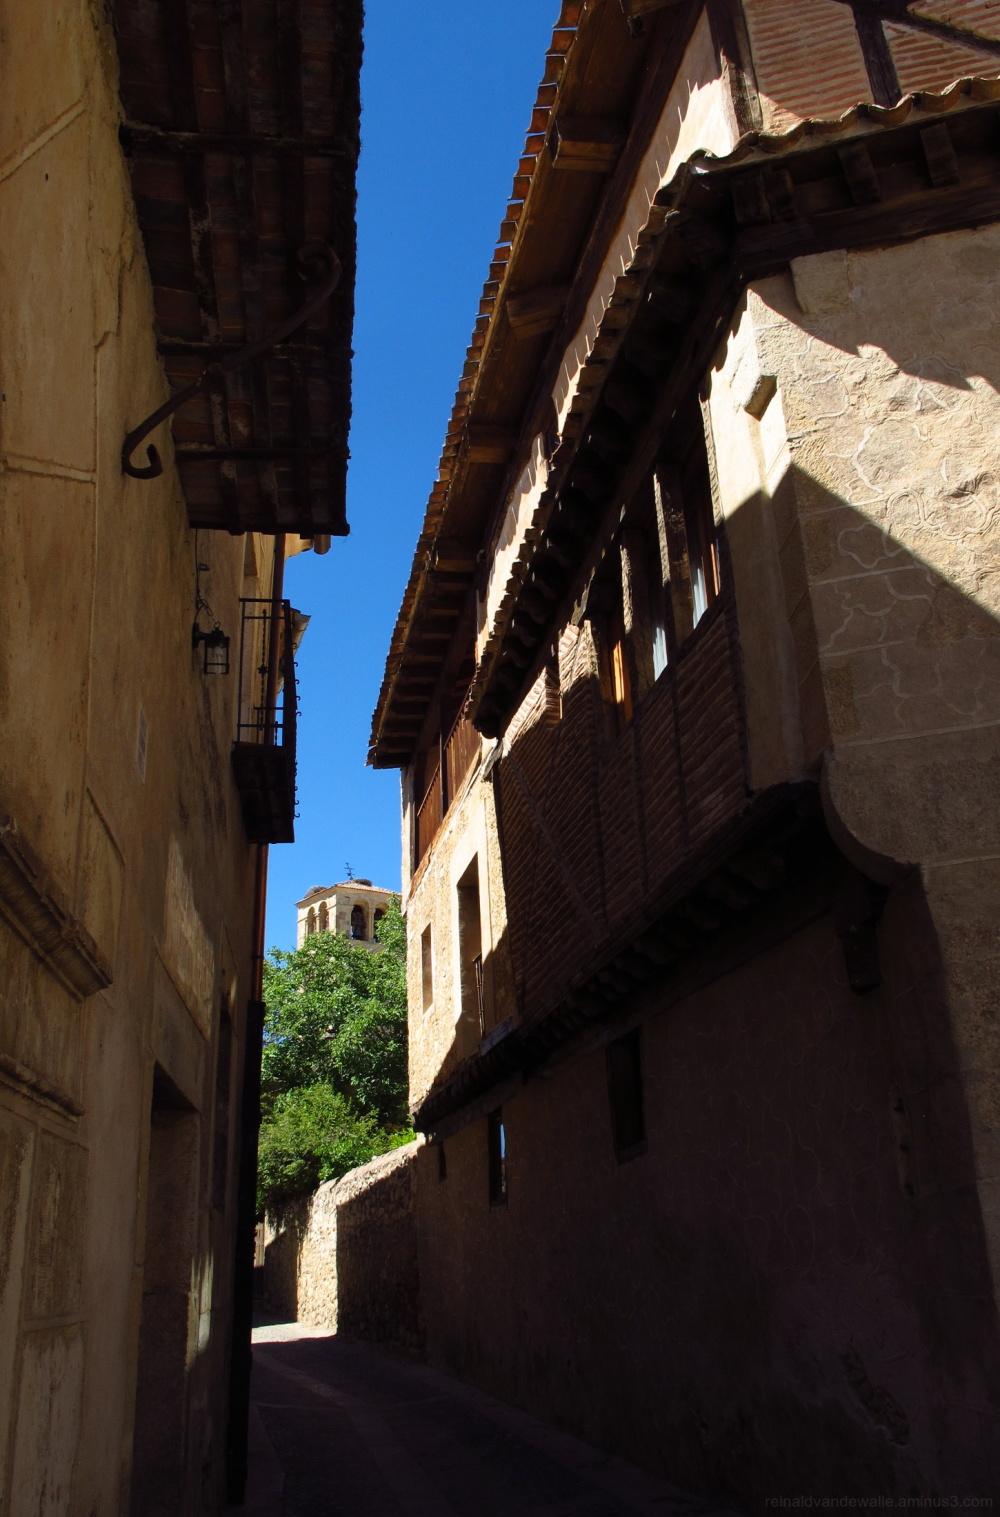 Narrow shaded street